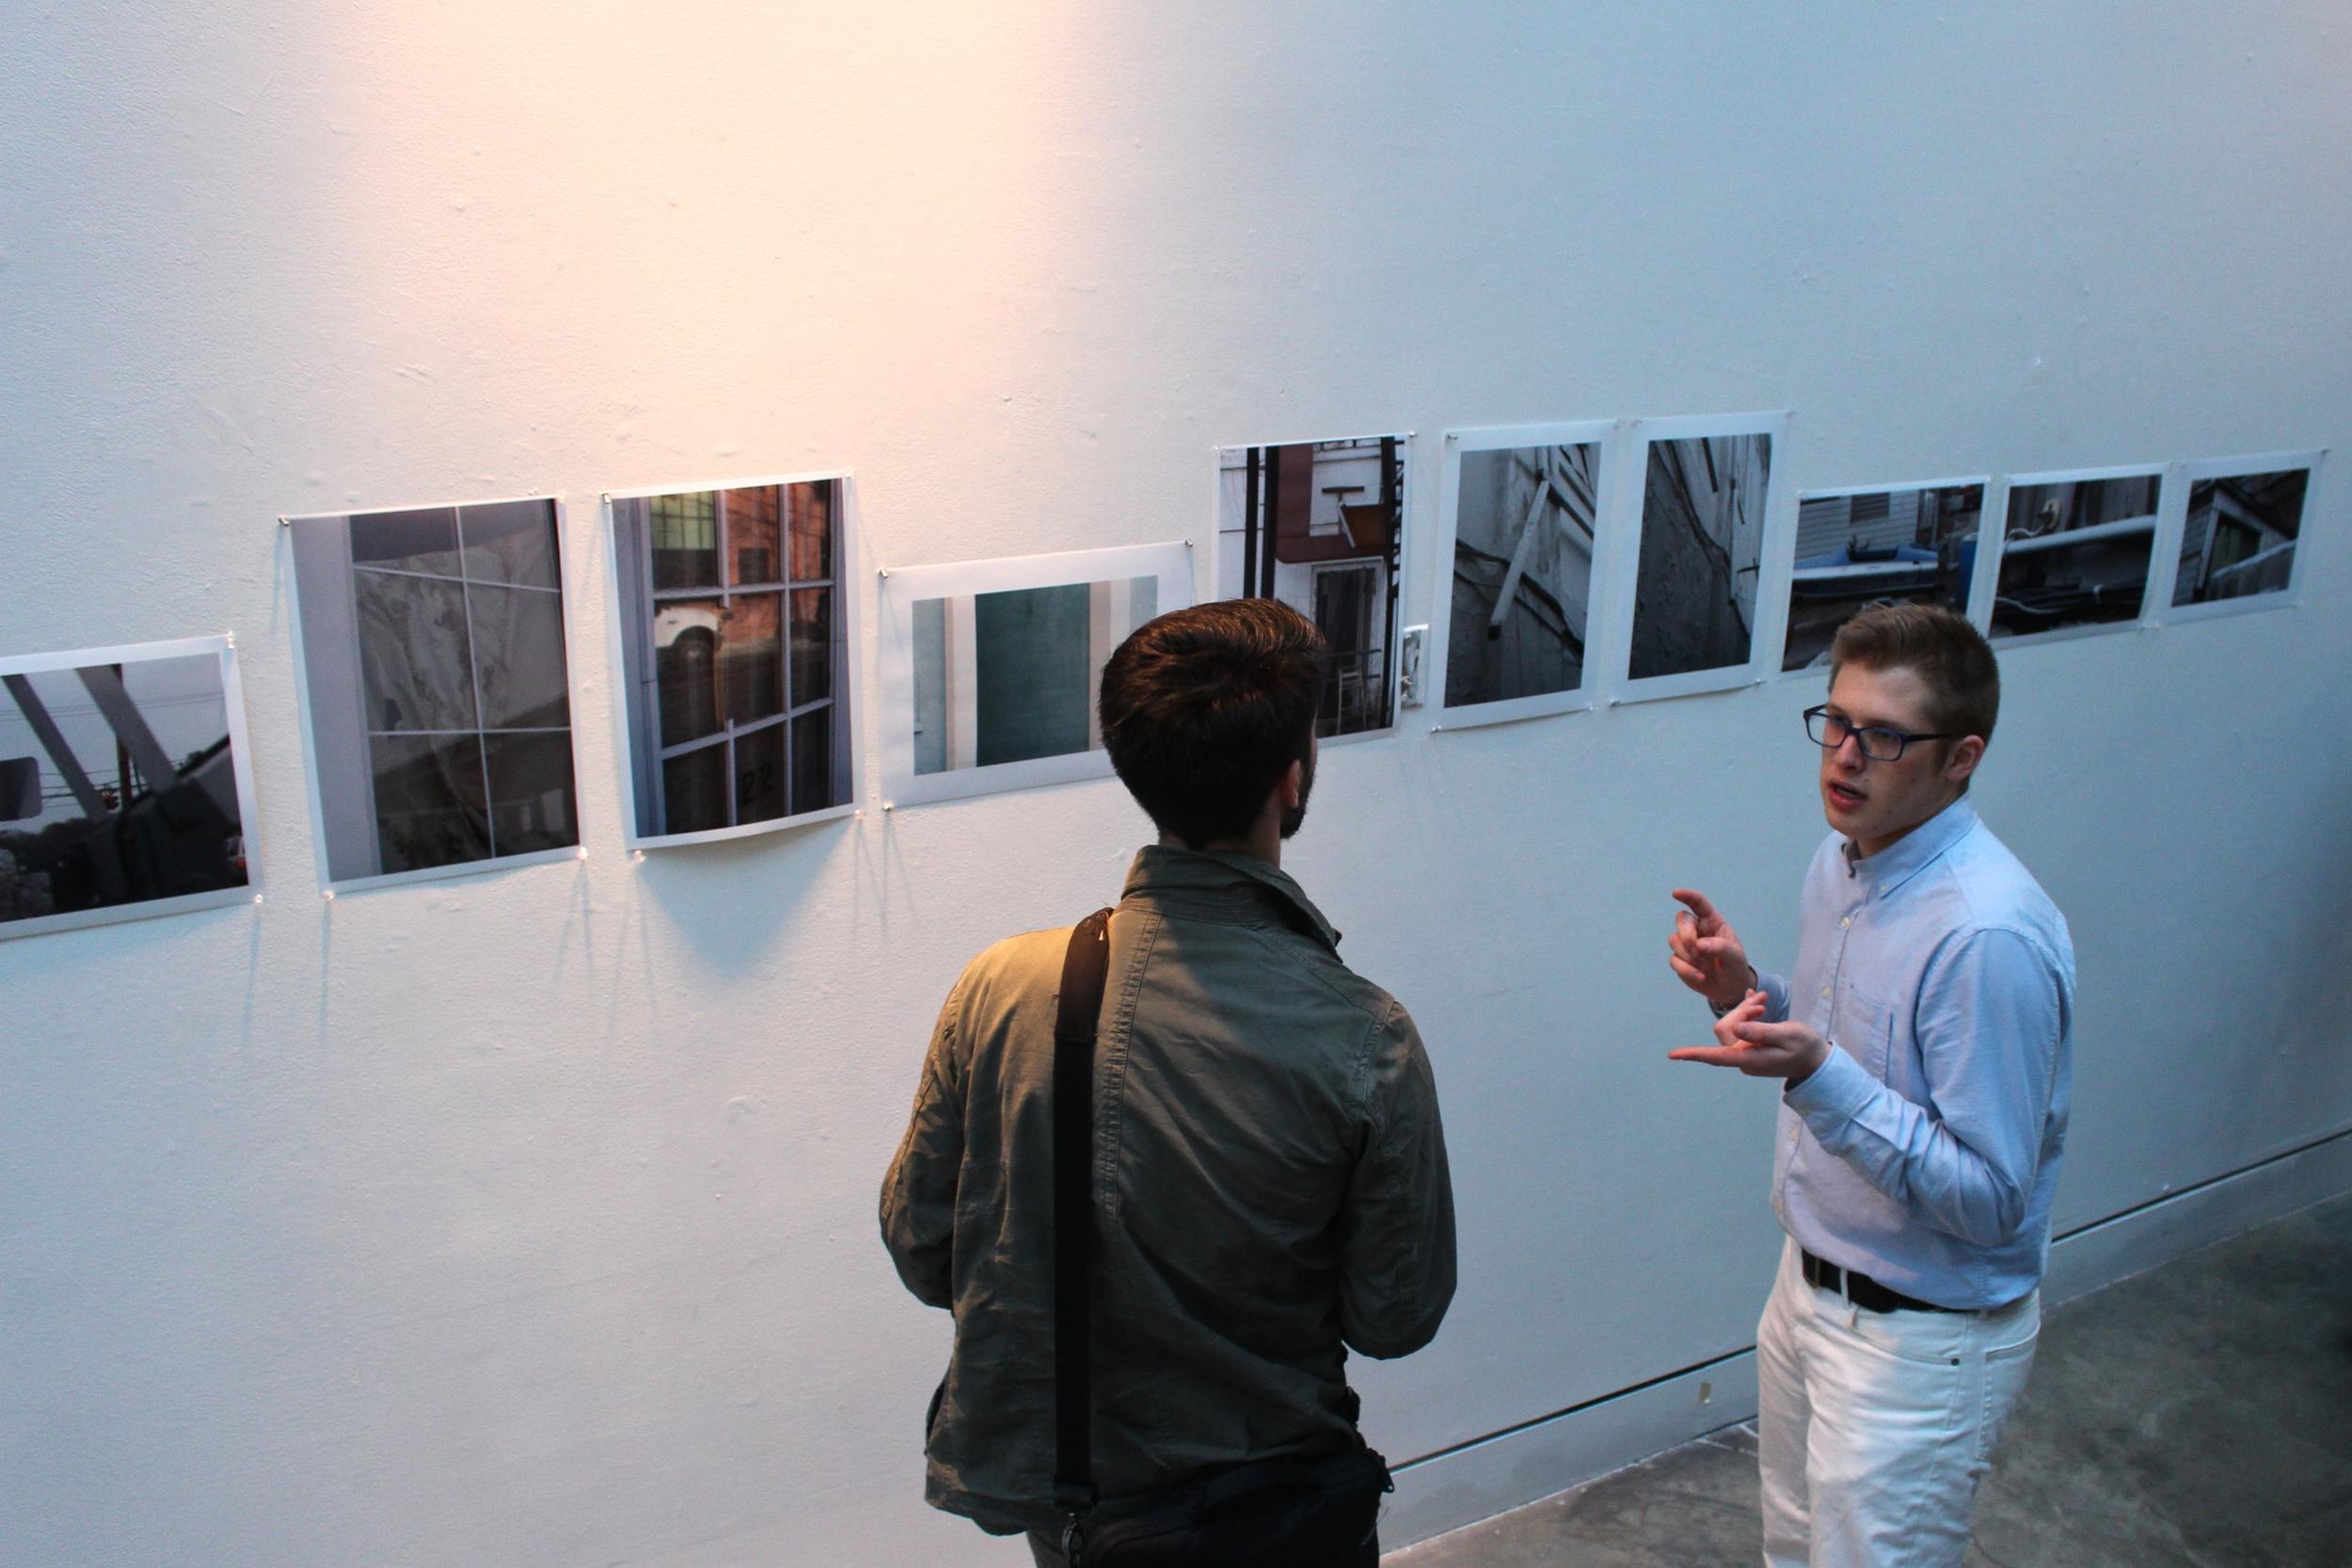 Luke Hammerman '14 discusses his work